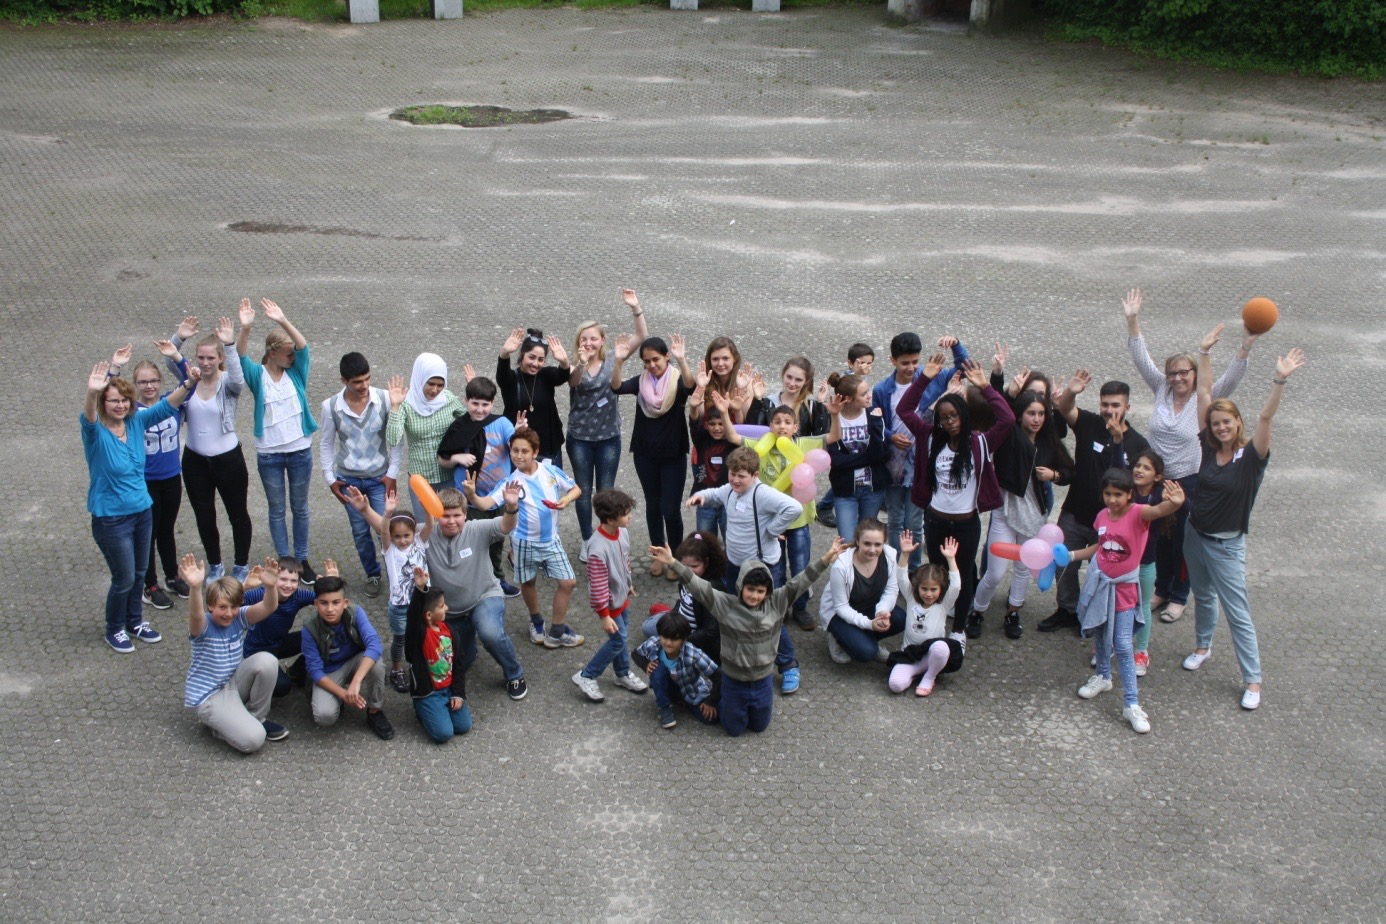 Schüler und Lehrer der Kurpfalz Realschule Schriesheim gestalten einen Nachmittag für Flüchtlingskinder